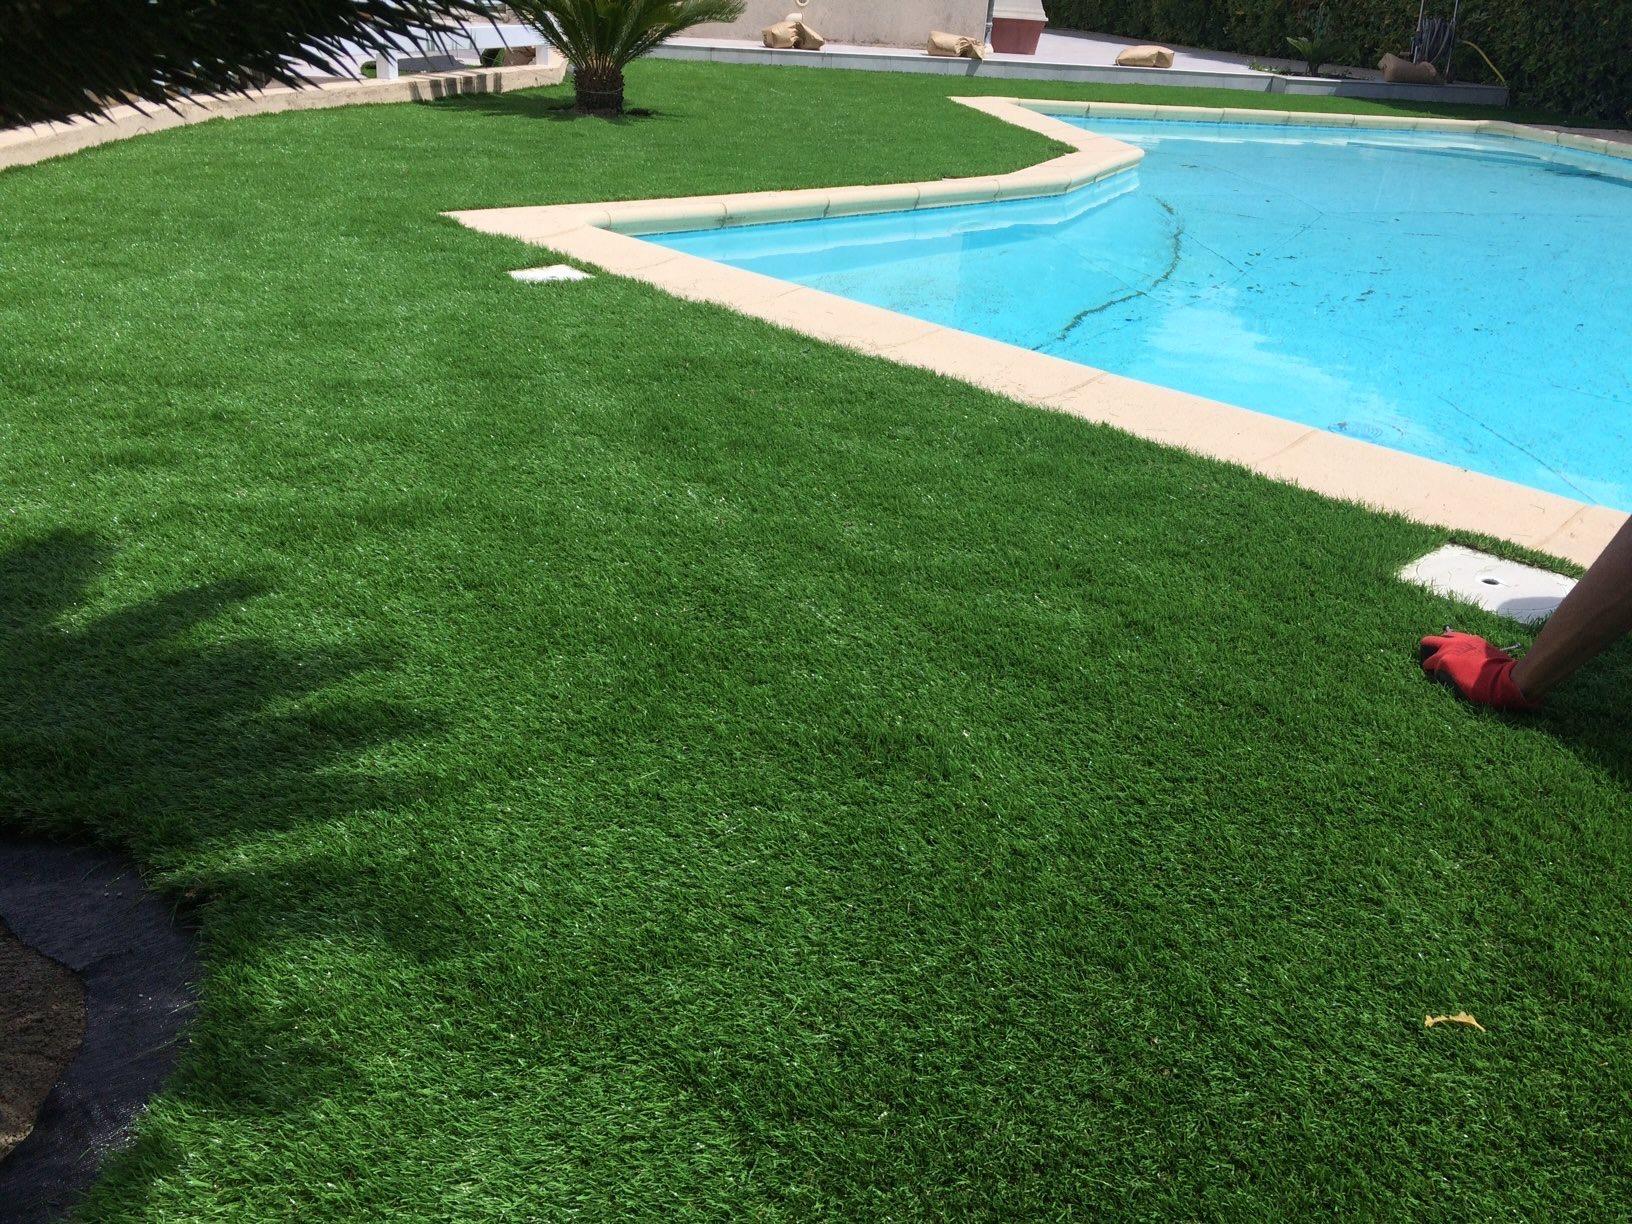 gazon synthétique tours de piscine à Avignon dans le département du Vaucluse